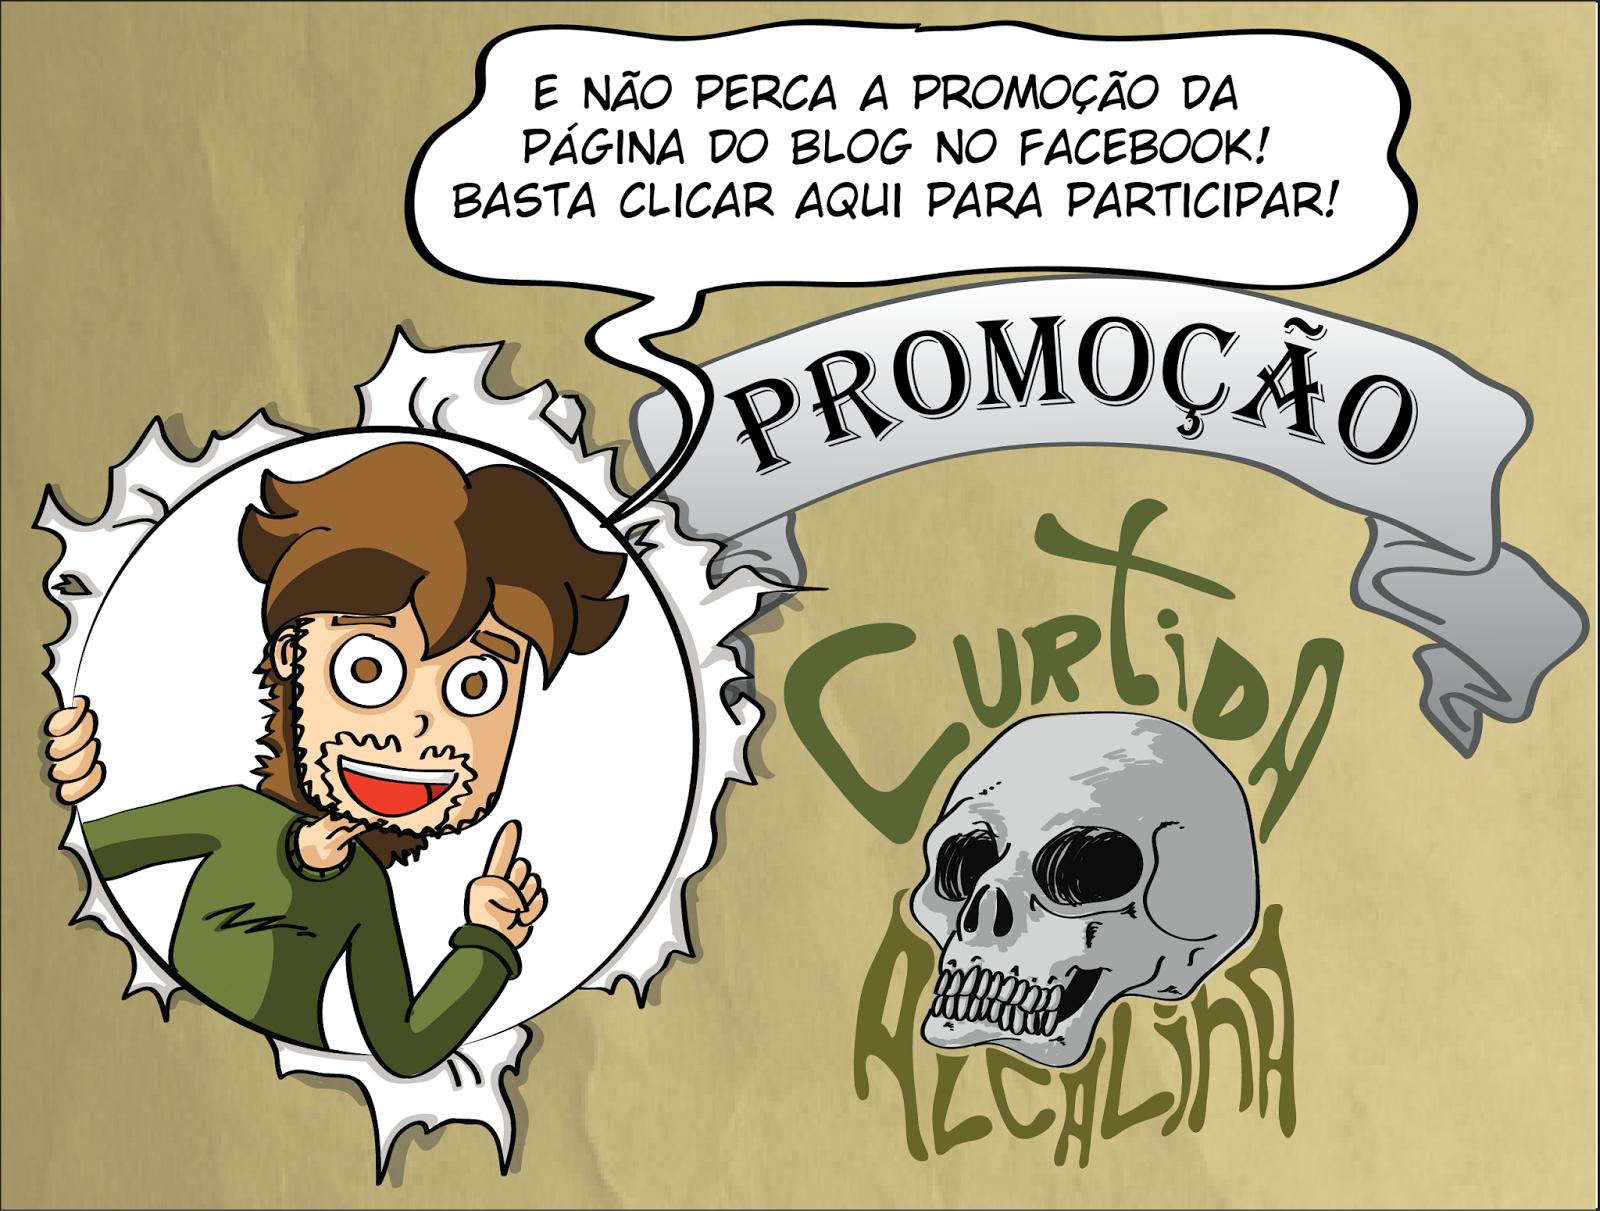 PROMOÇÃO CURTIDA ALCALINA